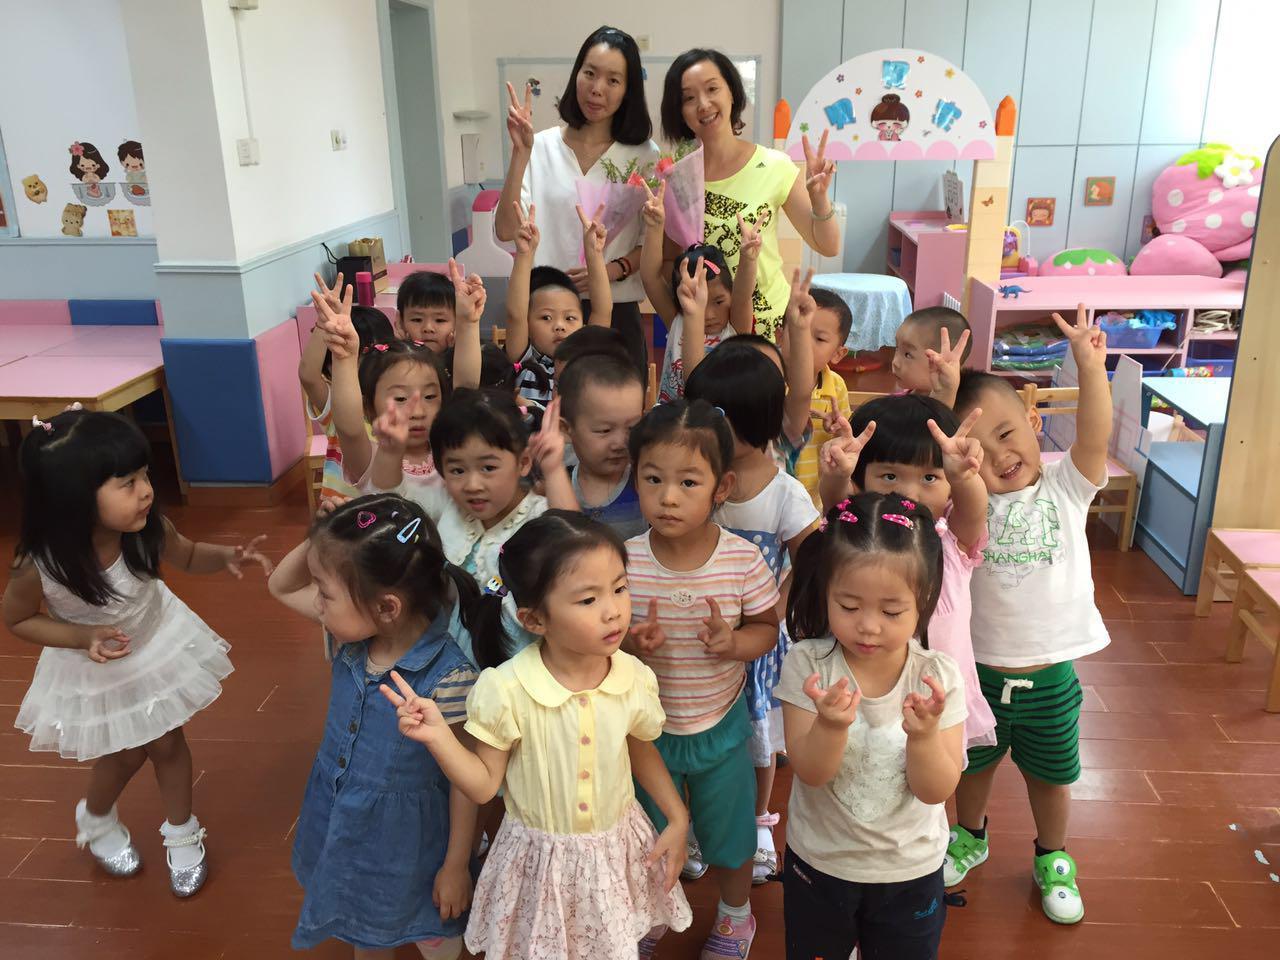 上海市普陀区银锄湖幼儿园